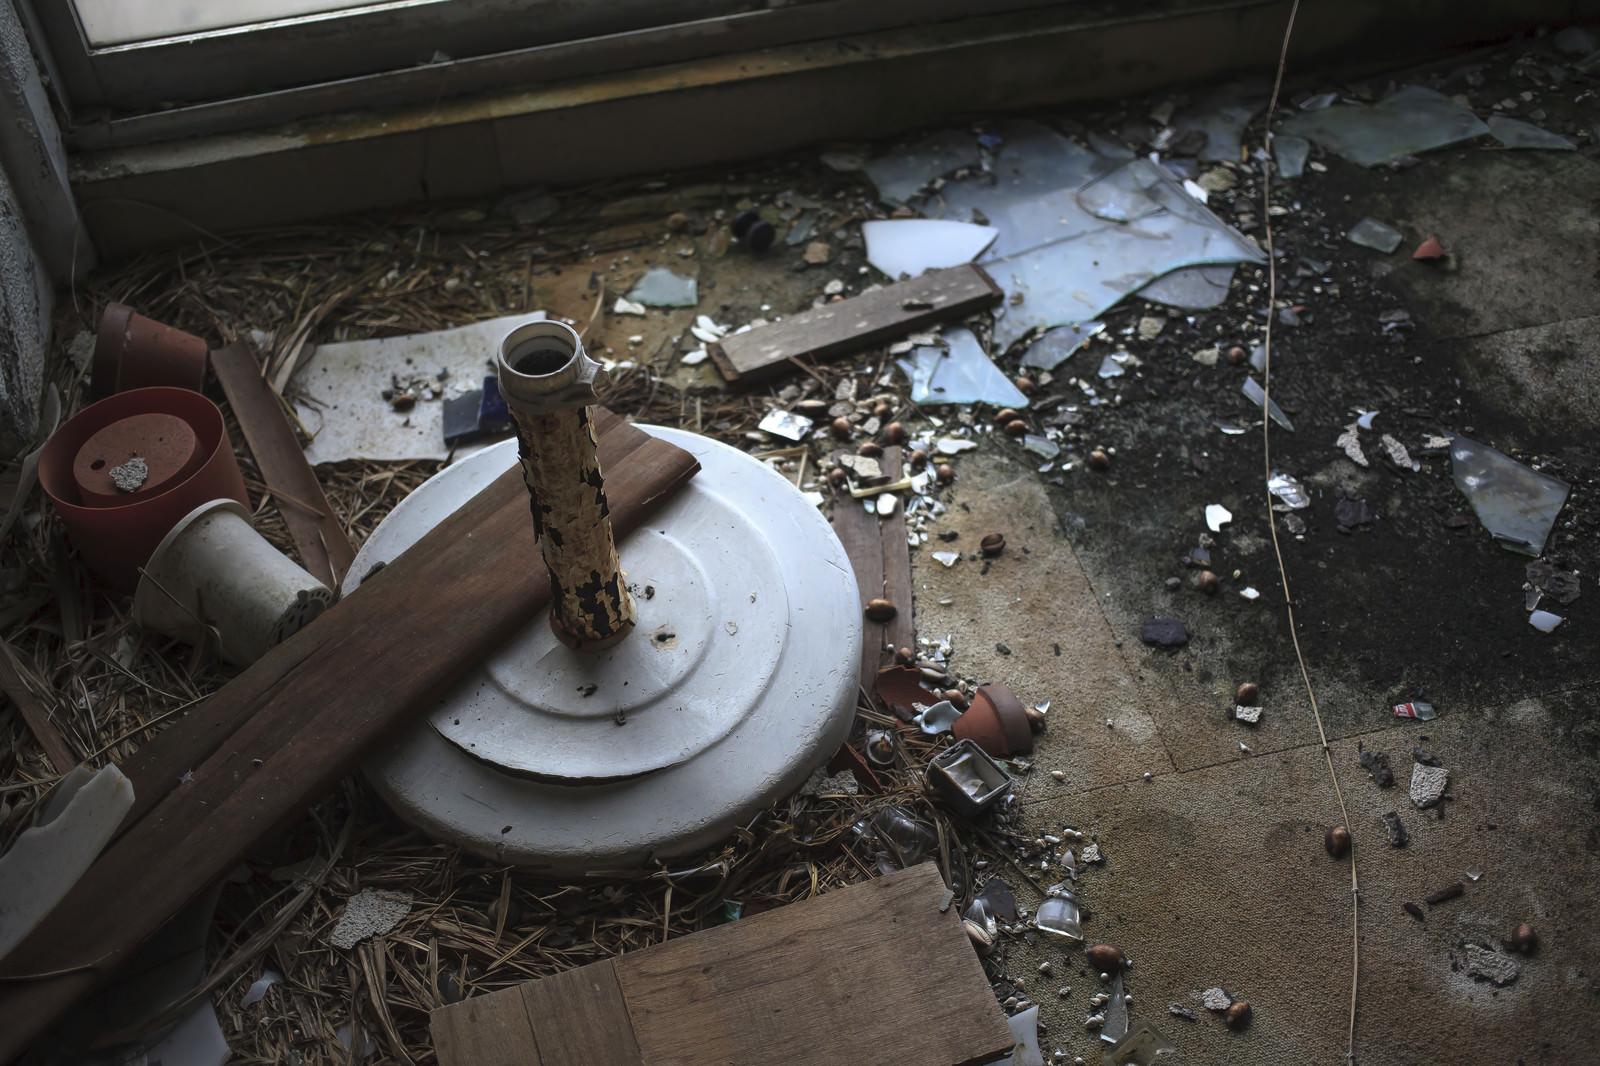 「割れたガラスやゴミが散らばる廃墟の床」の写真